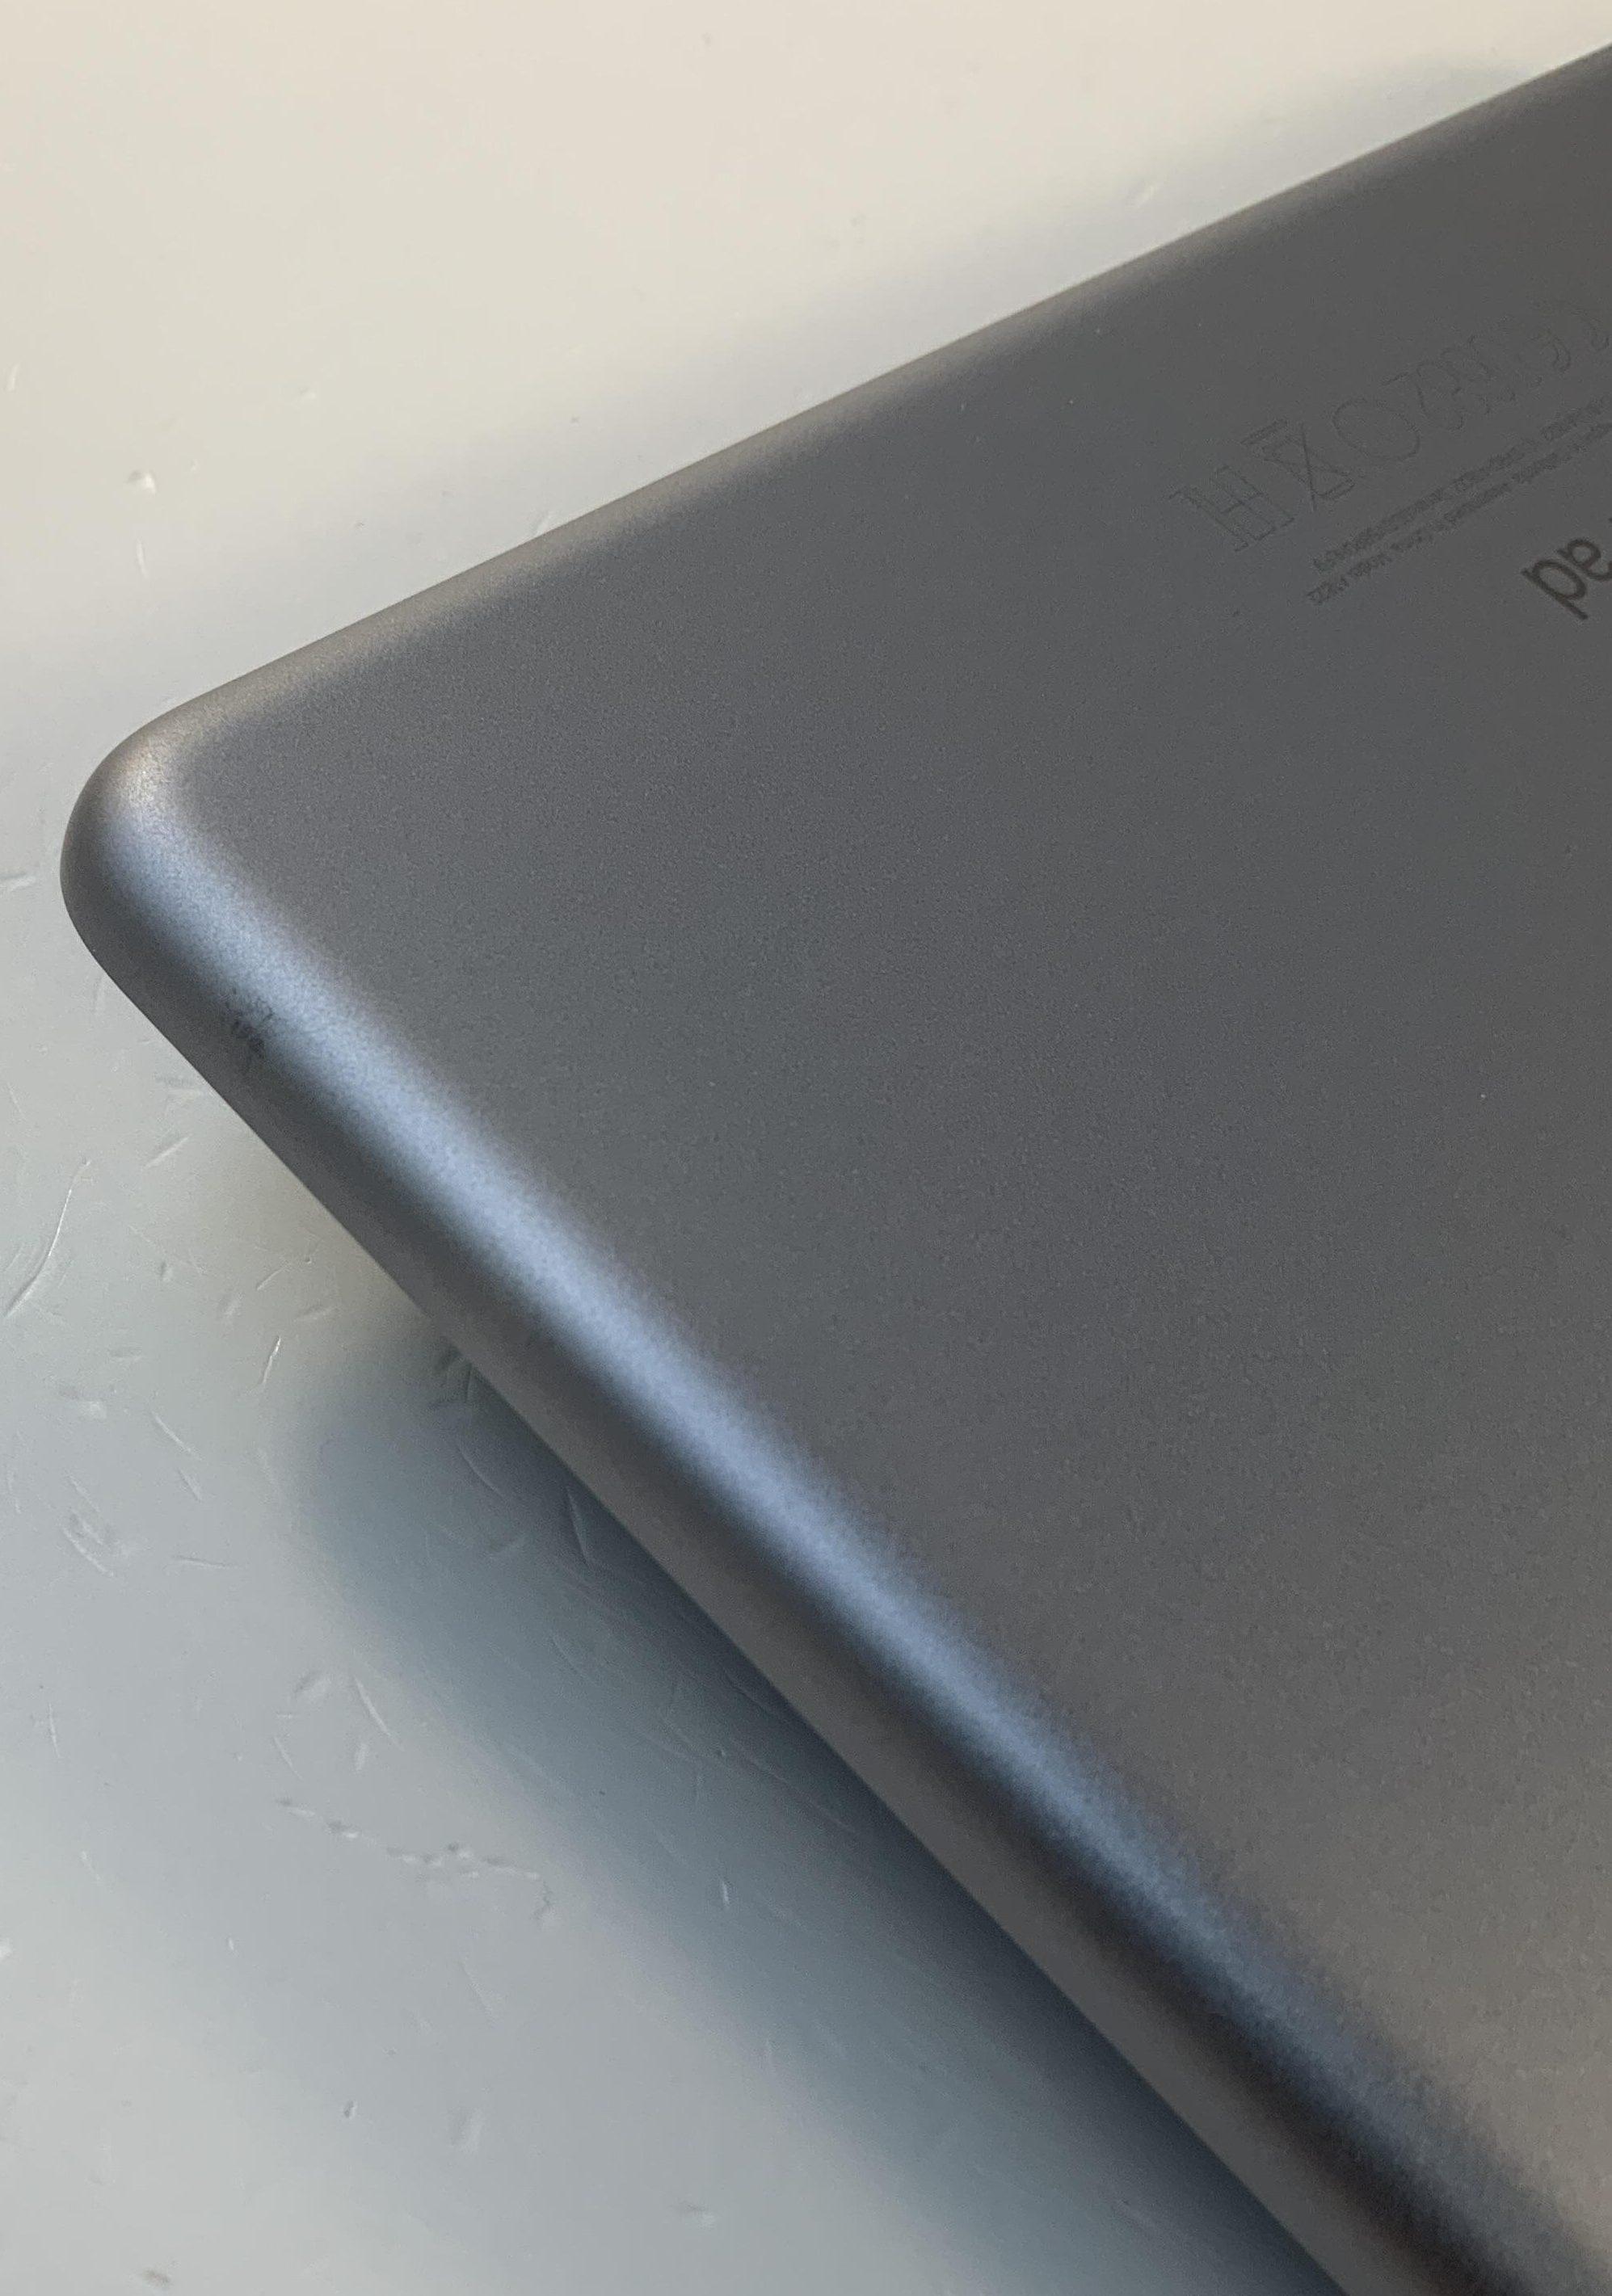 iPad 5 Wi-Fi 32GB, 32GB, Space Gray, Afbeelding 3